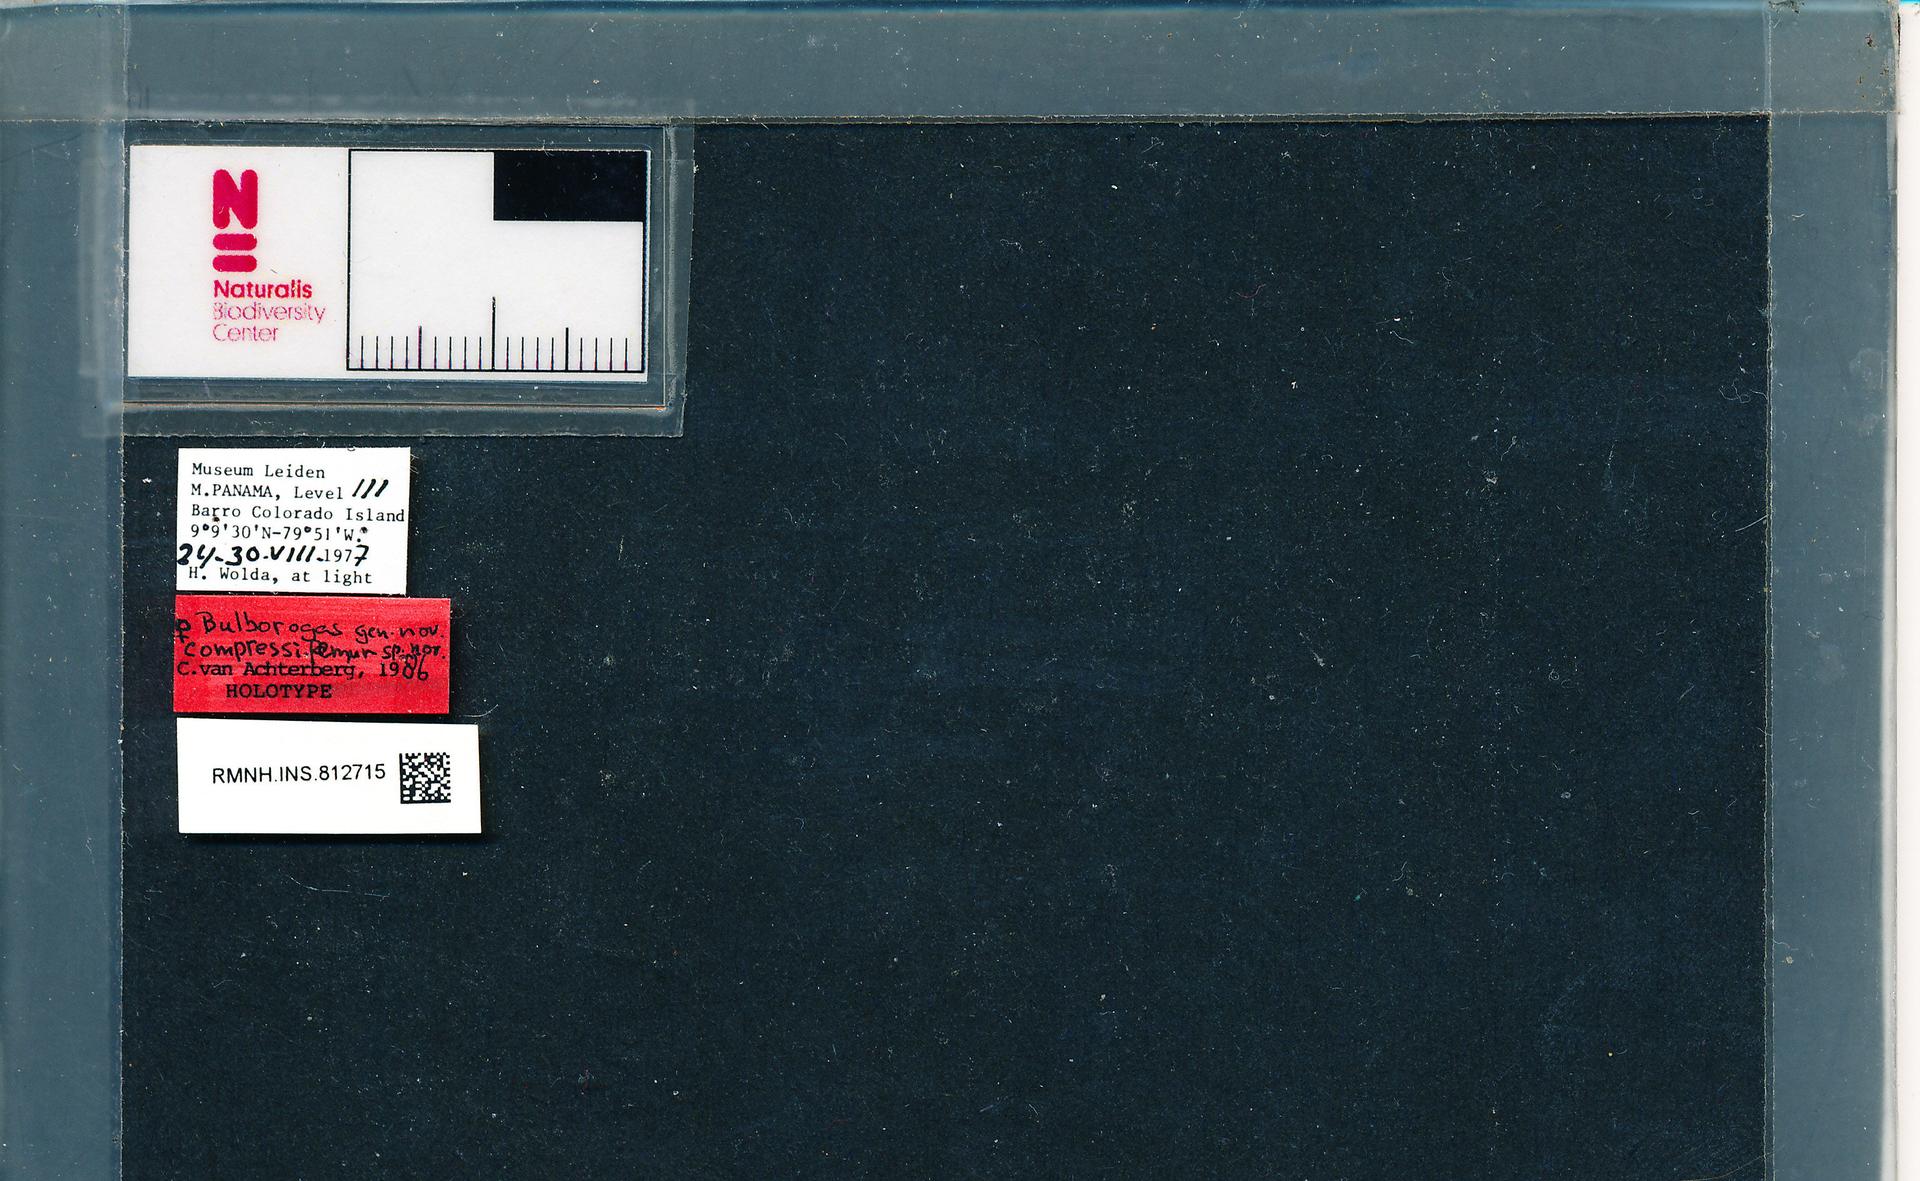 RMNH.INS.812715 | Bulborogas compressifemur van Achterberg, 1988